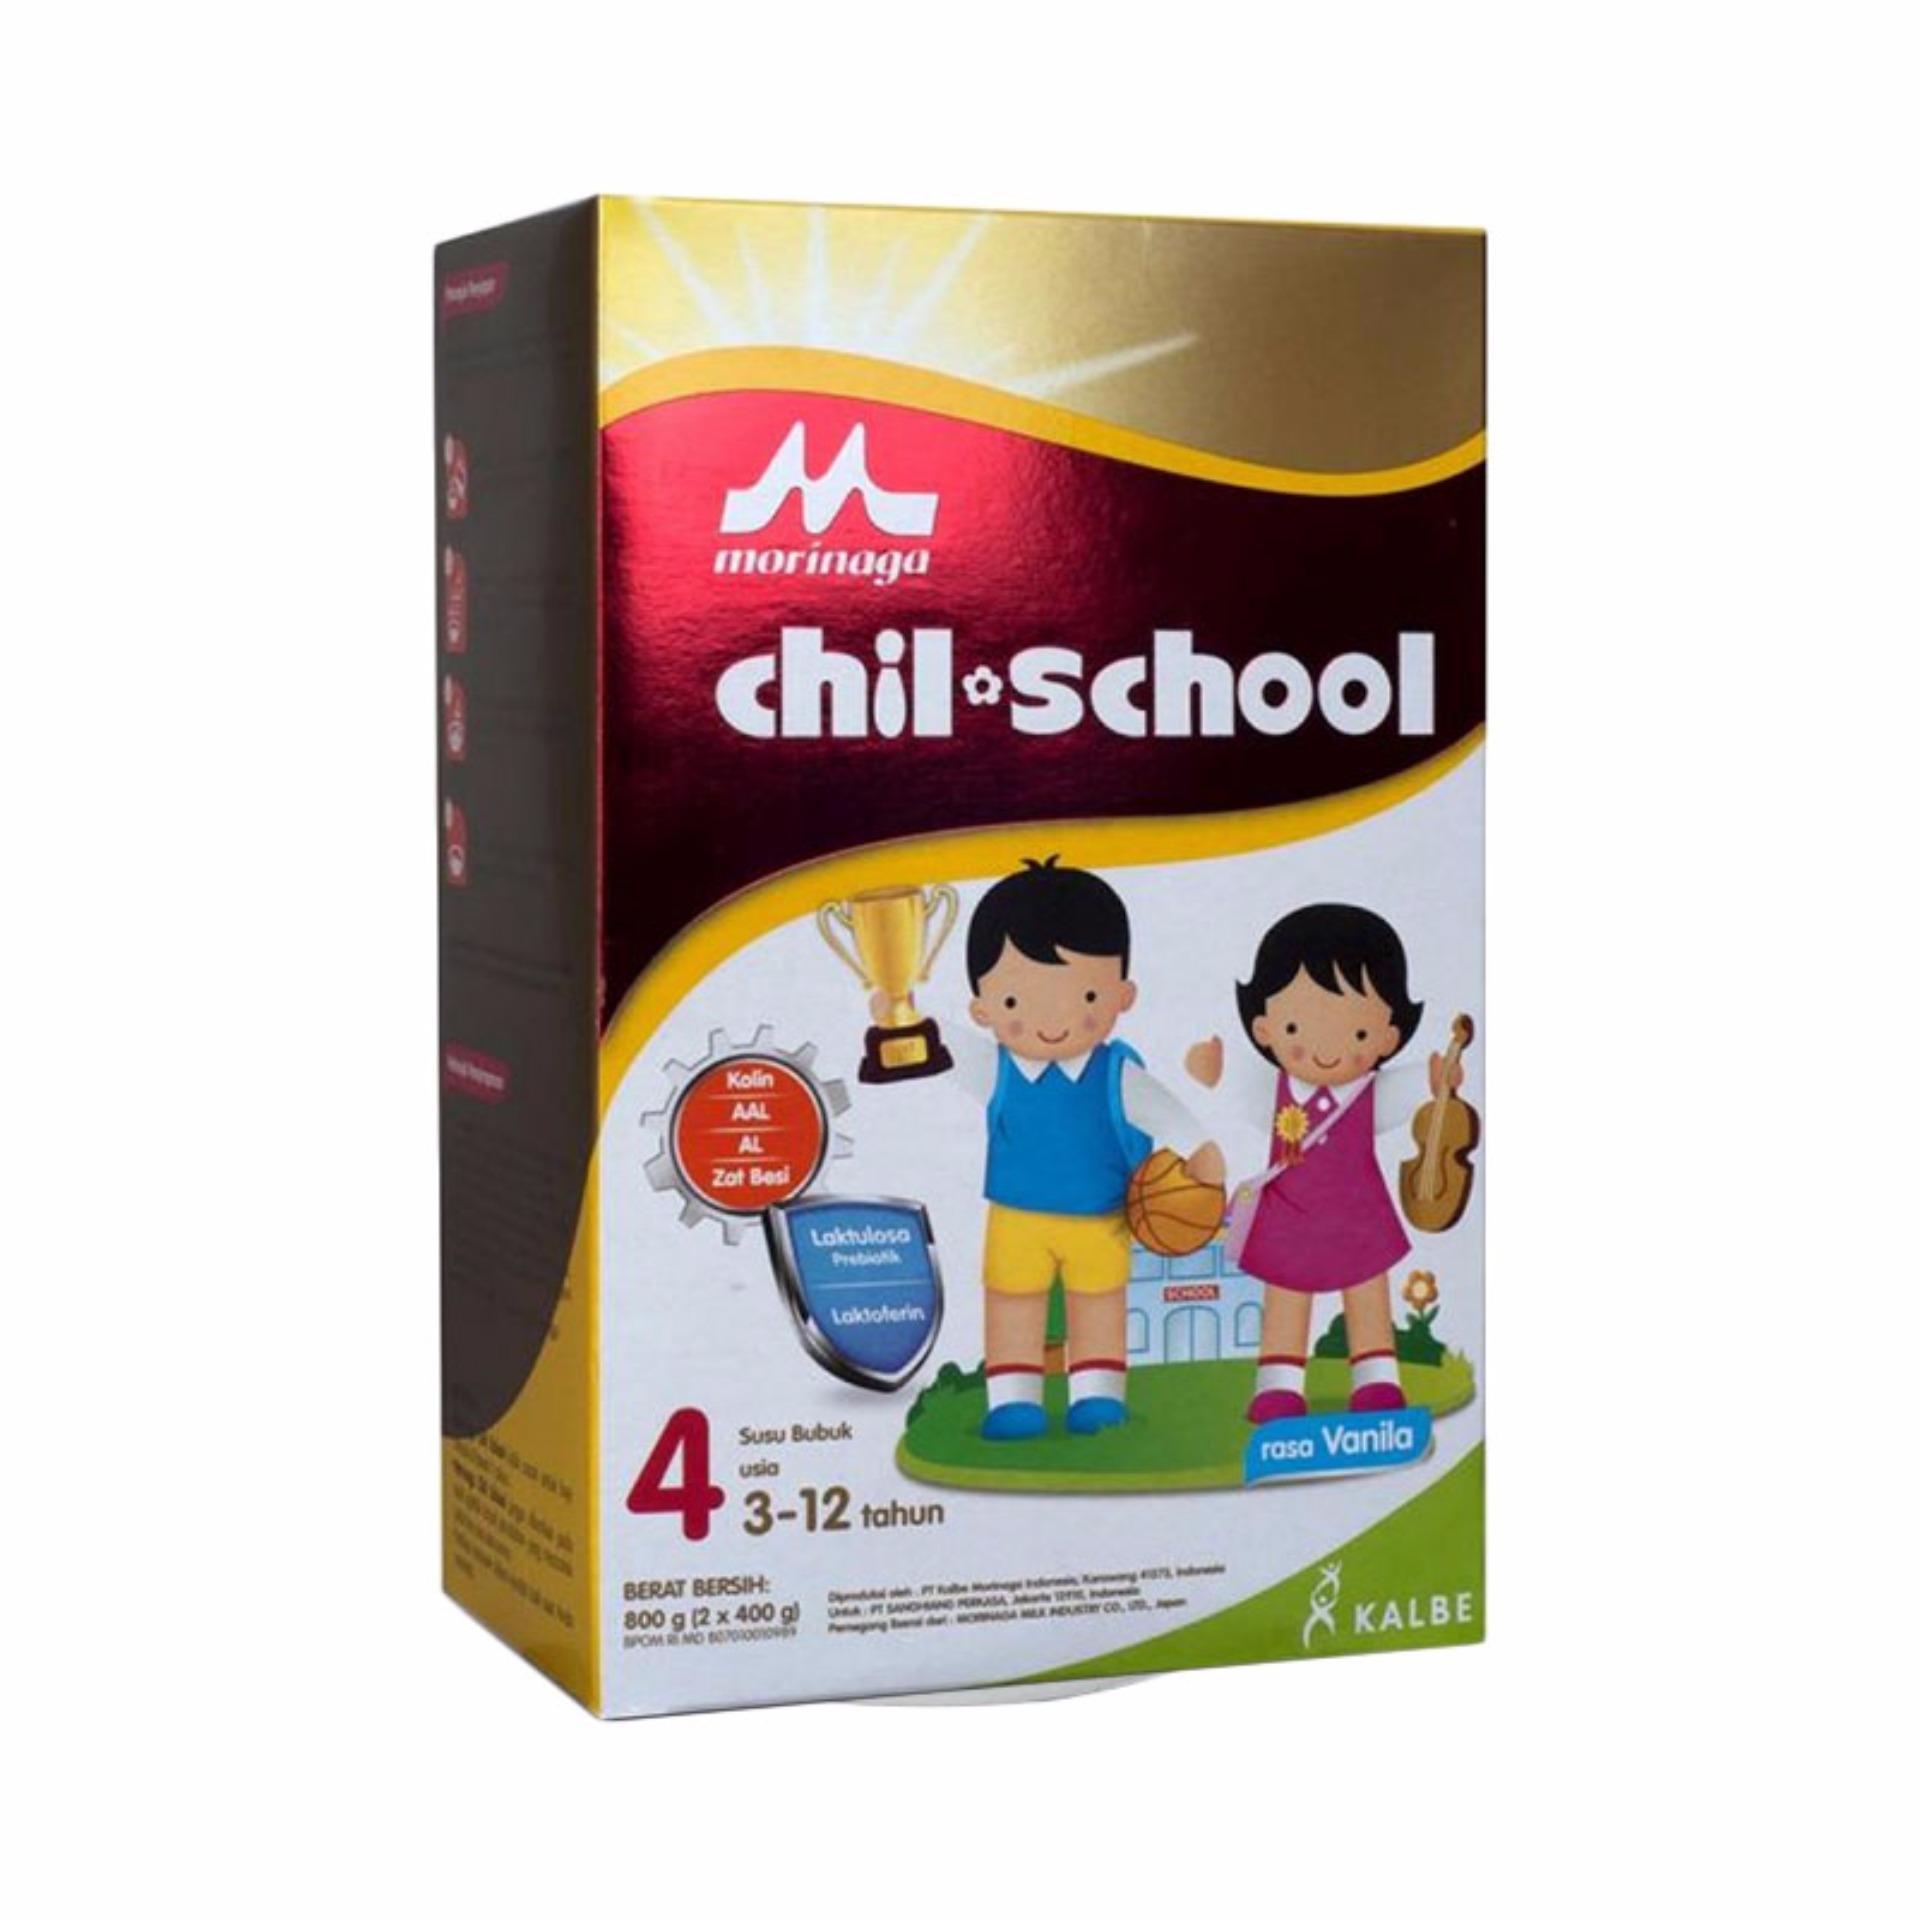 Morinaga Chil Kid Soya Moricare Tahap 3 Vanila Box 300gr Update Bmt Platinum 1 400 Gr Beli Grosir Lebih Murah School Regular 800 Gram